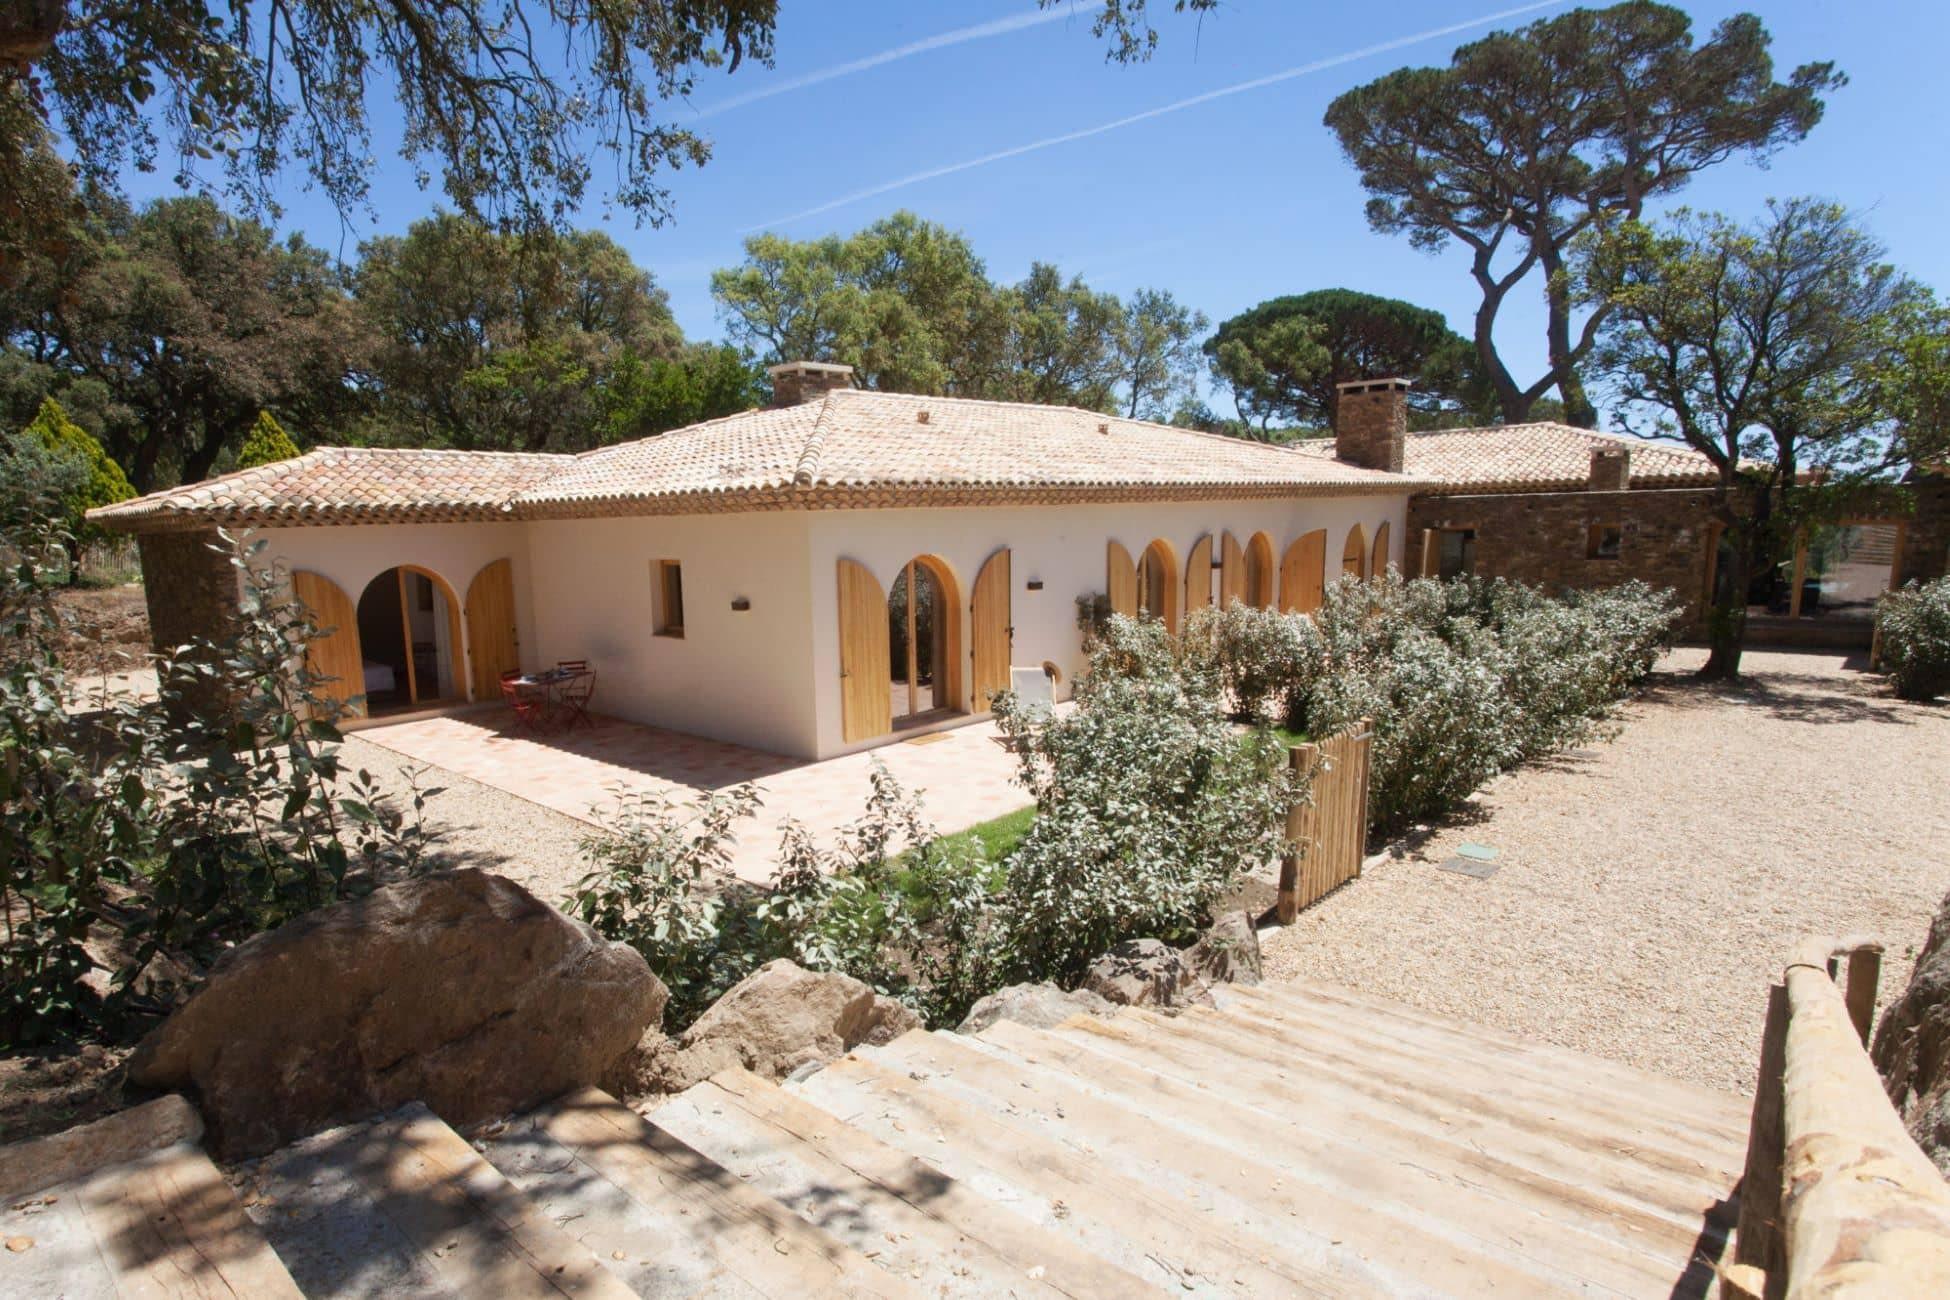 Façades maisons L'arbousier et L'olivier / Fronts of the houses L'arbousier and L'olivier